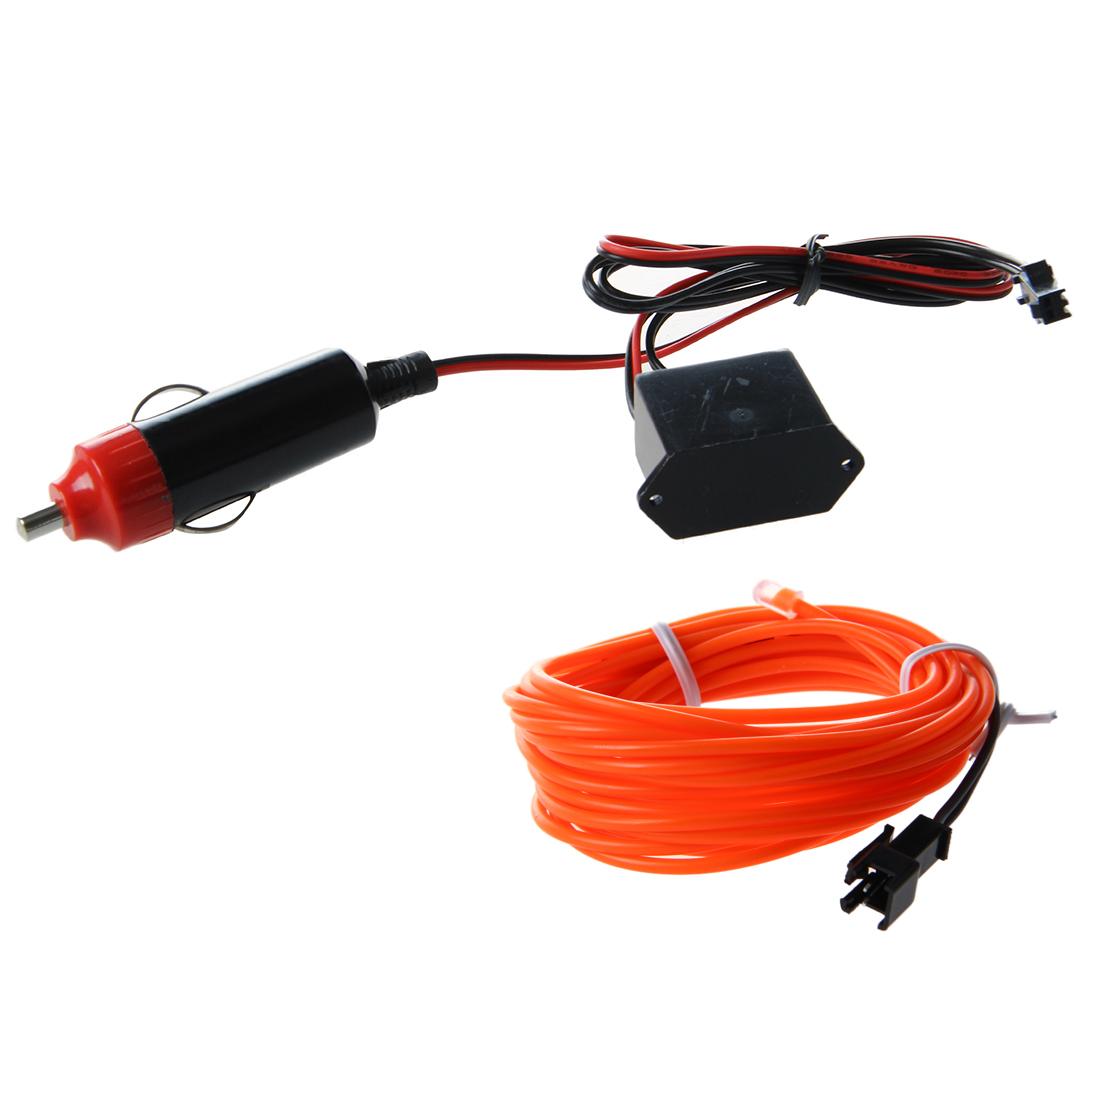 led el wire neon glow tube lamp light dc 12v inverter for car 3m orange a5x8 ebay. Black Bedroom Furniture Sets. Home Design Ideas